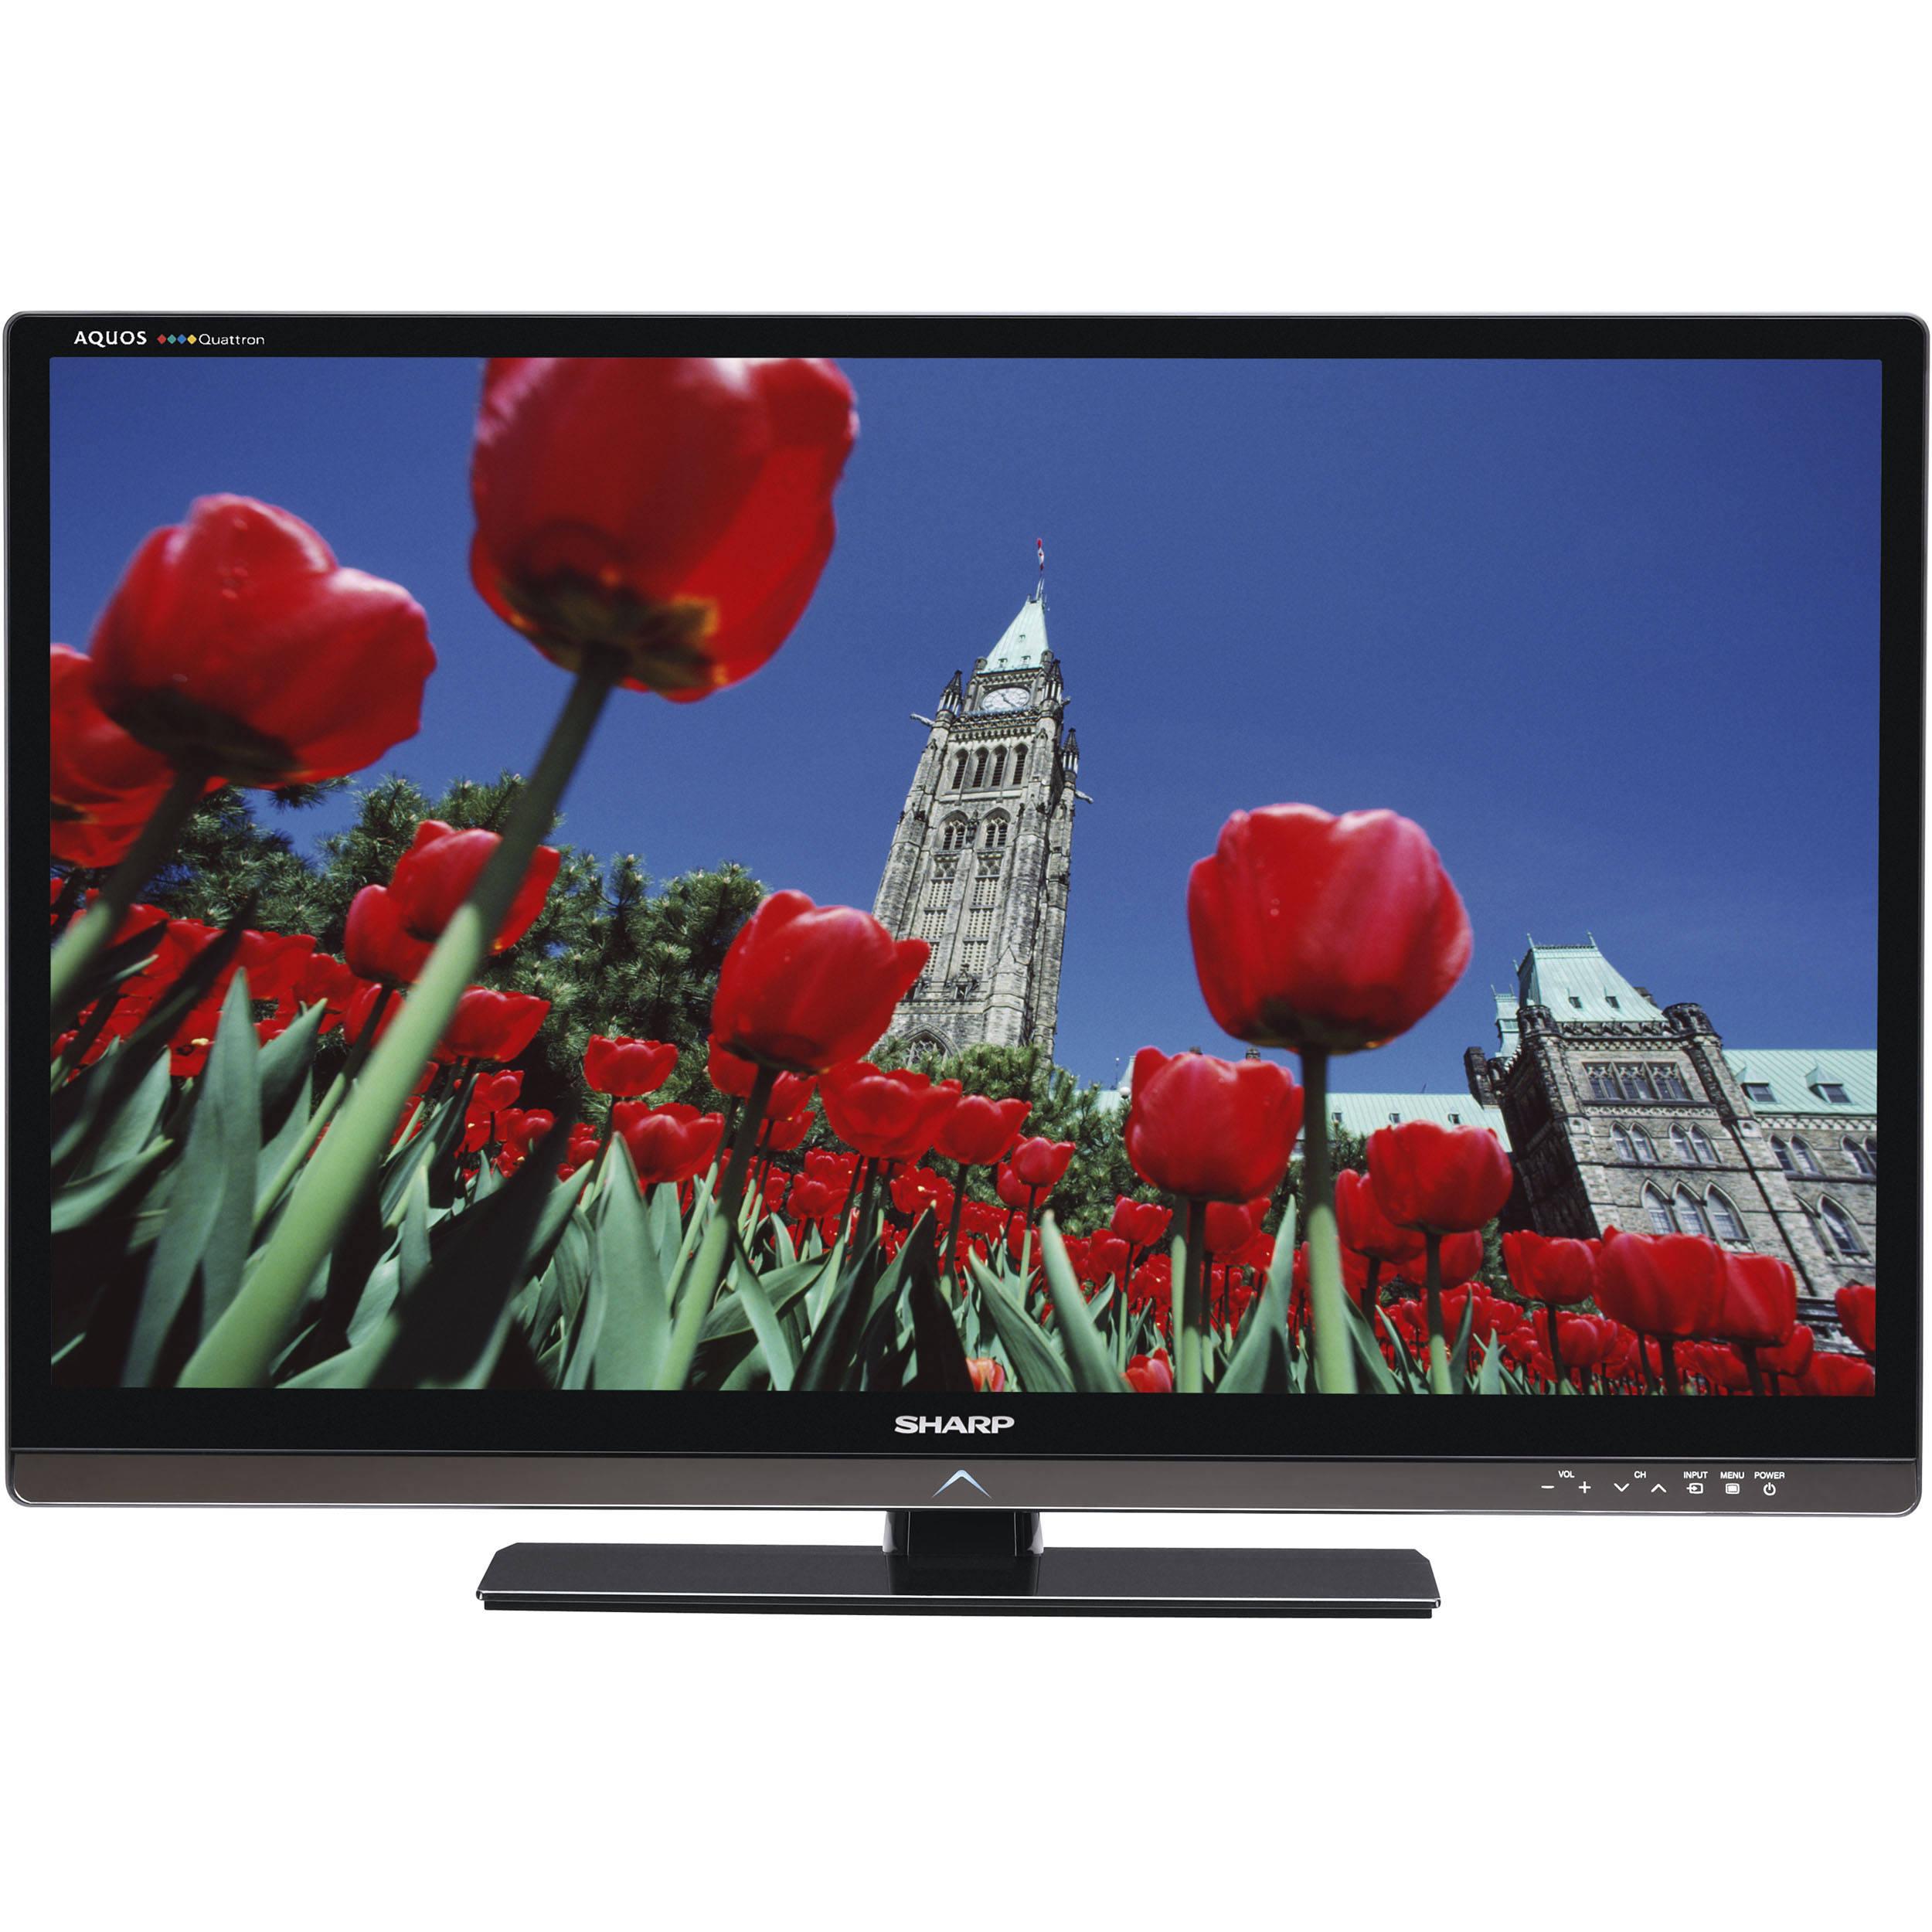 sharp lc40le830u 40 aquos 1080p led tv lc40le830u b h rh bhphotovideo com Sharp Compet QS-2760H Sharp ManualsOnline